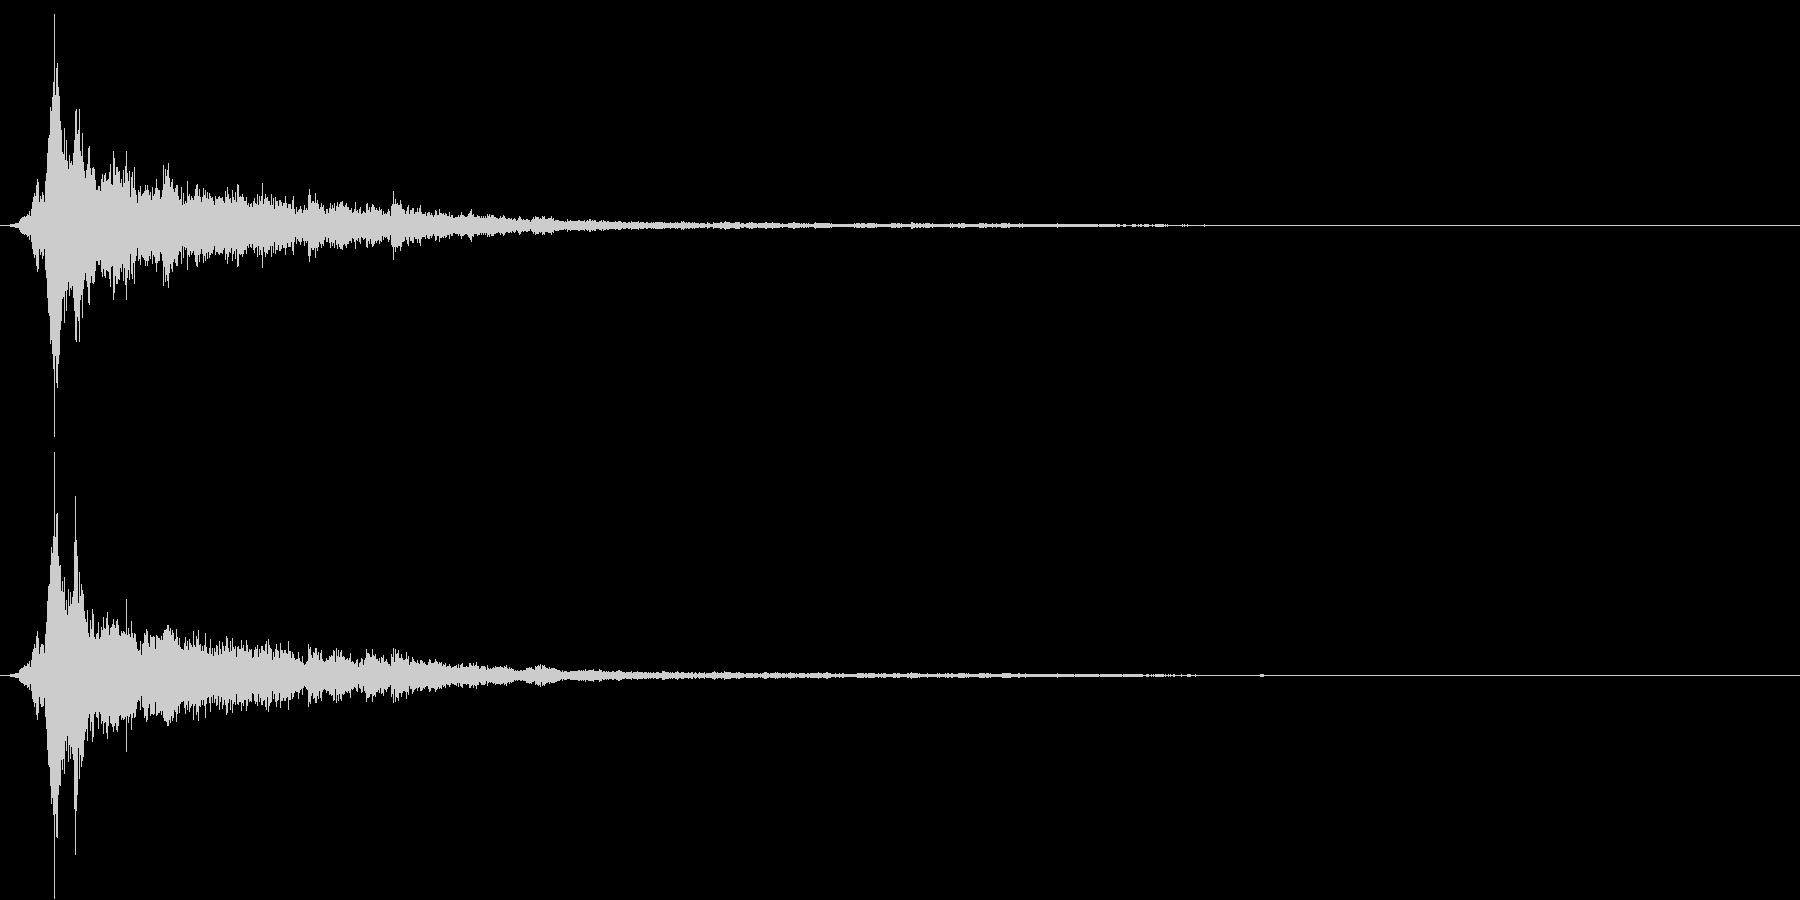 「シャン〜〜」象徴的な鈴の音2+リバーブの未再生の波形